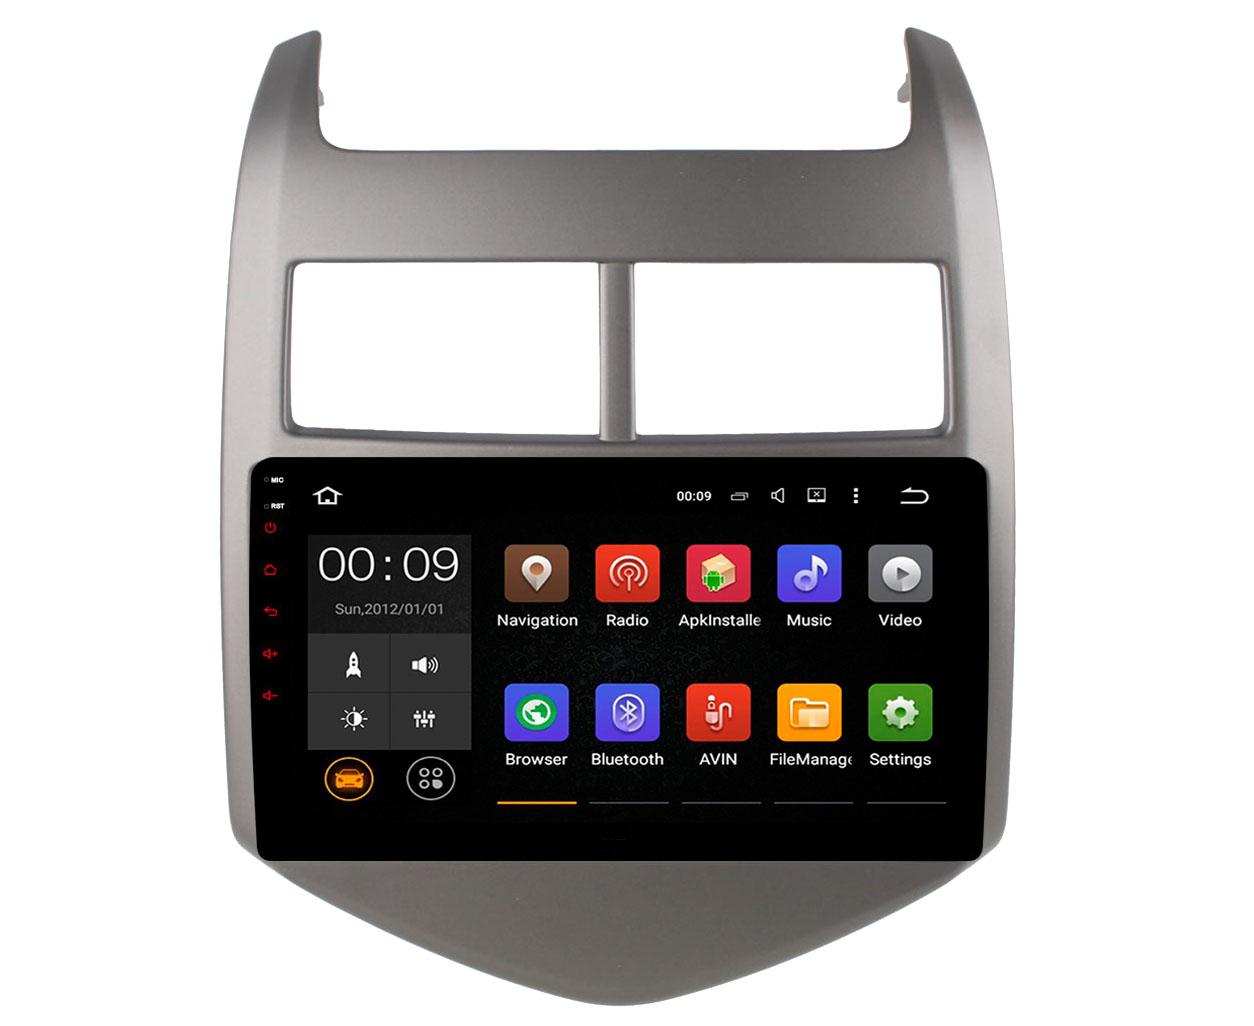 Штатная магнитола Roximo 4G RX-1310 для Chevrolet Aveo 3 (2011-2014) (+ Камера заднего вида в подарок!)